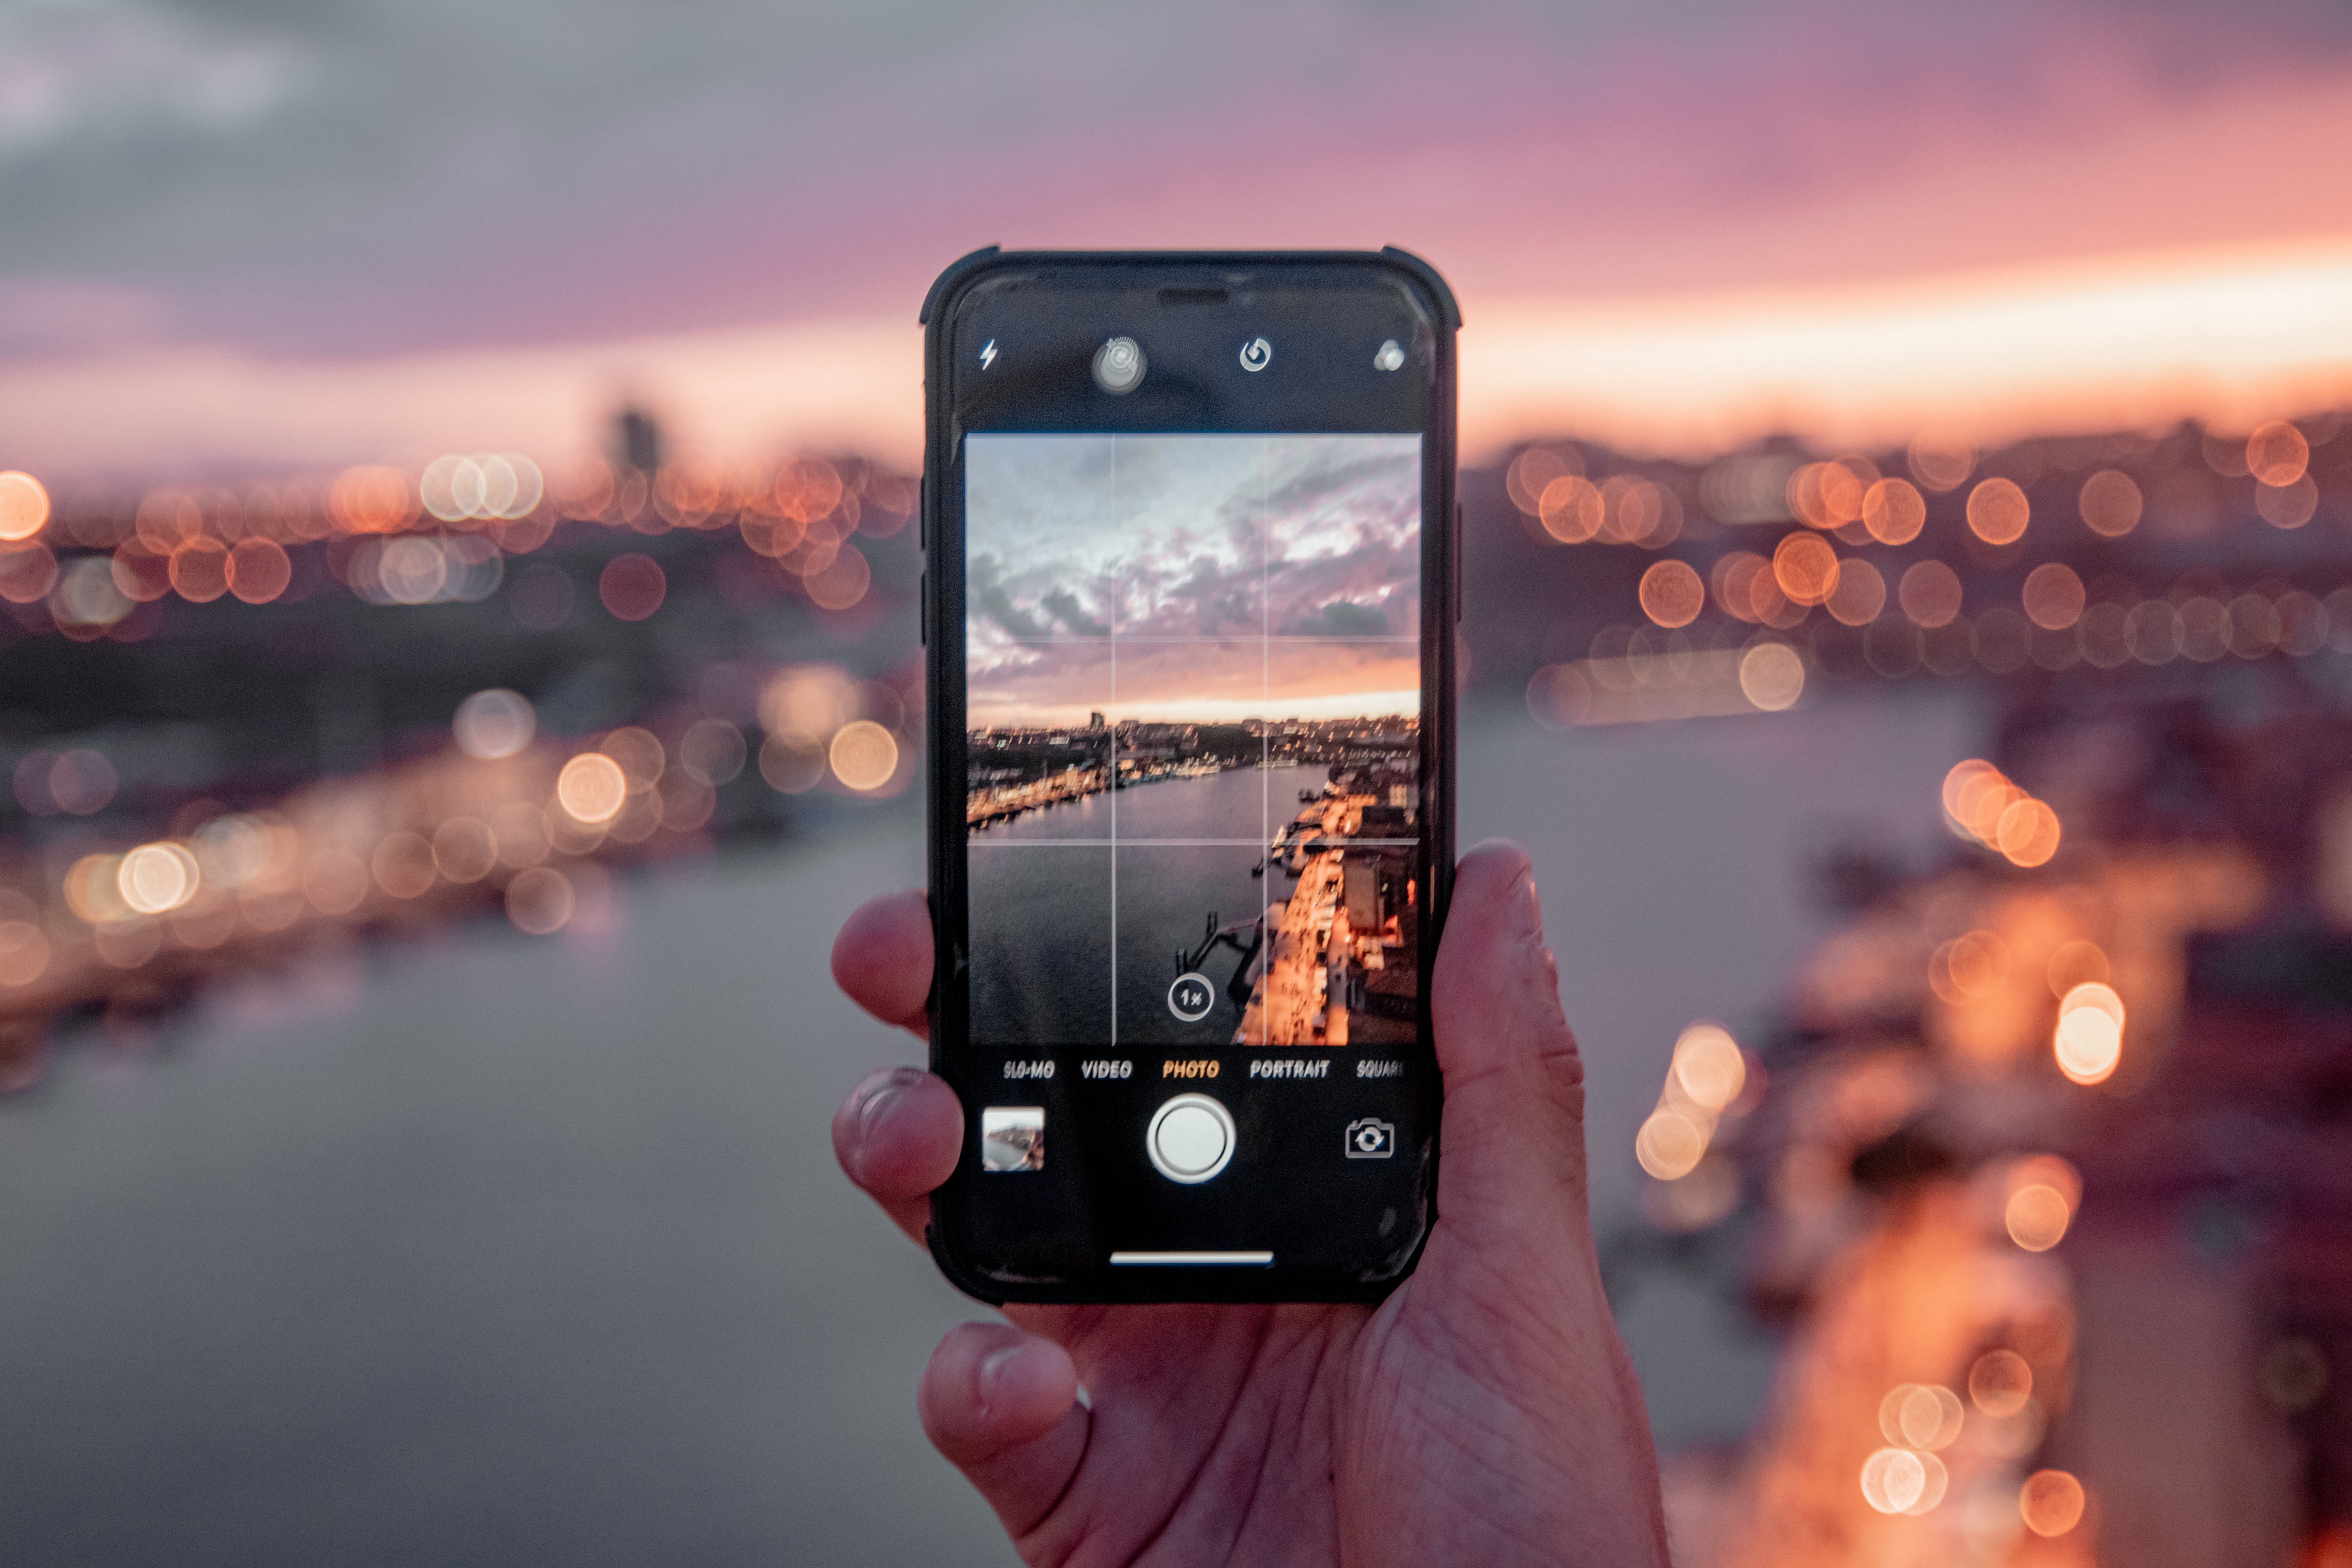 Focení mobilním telefonem